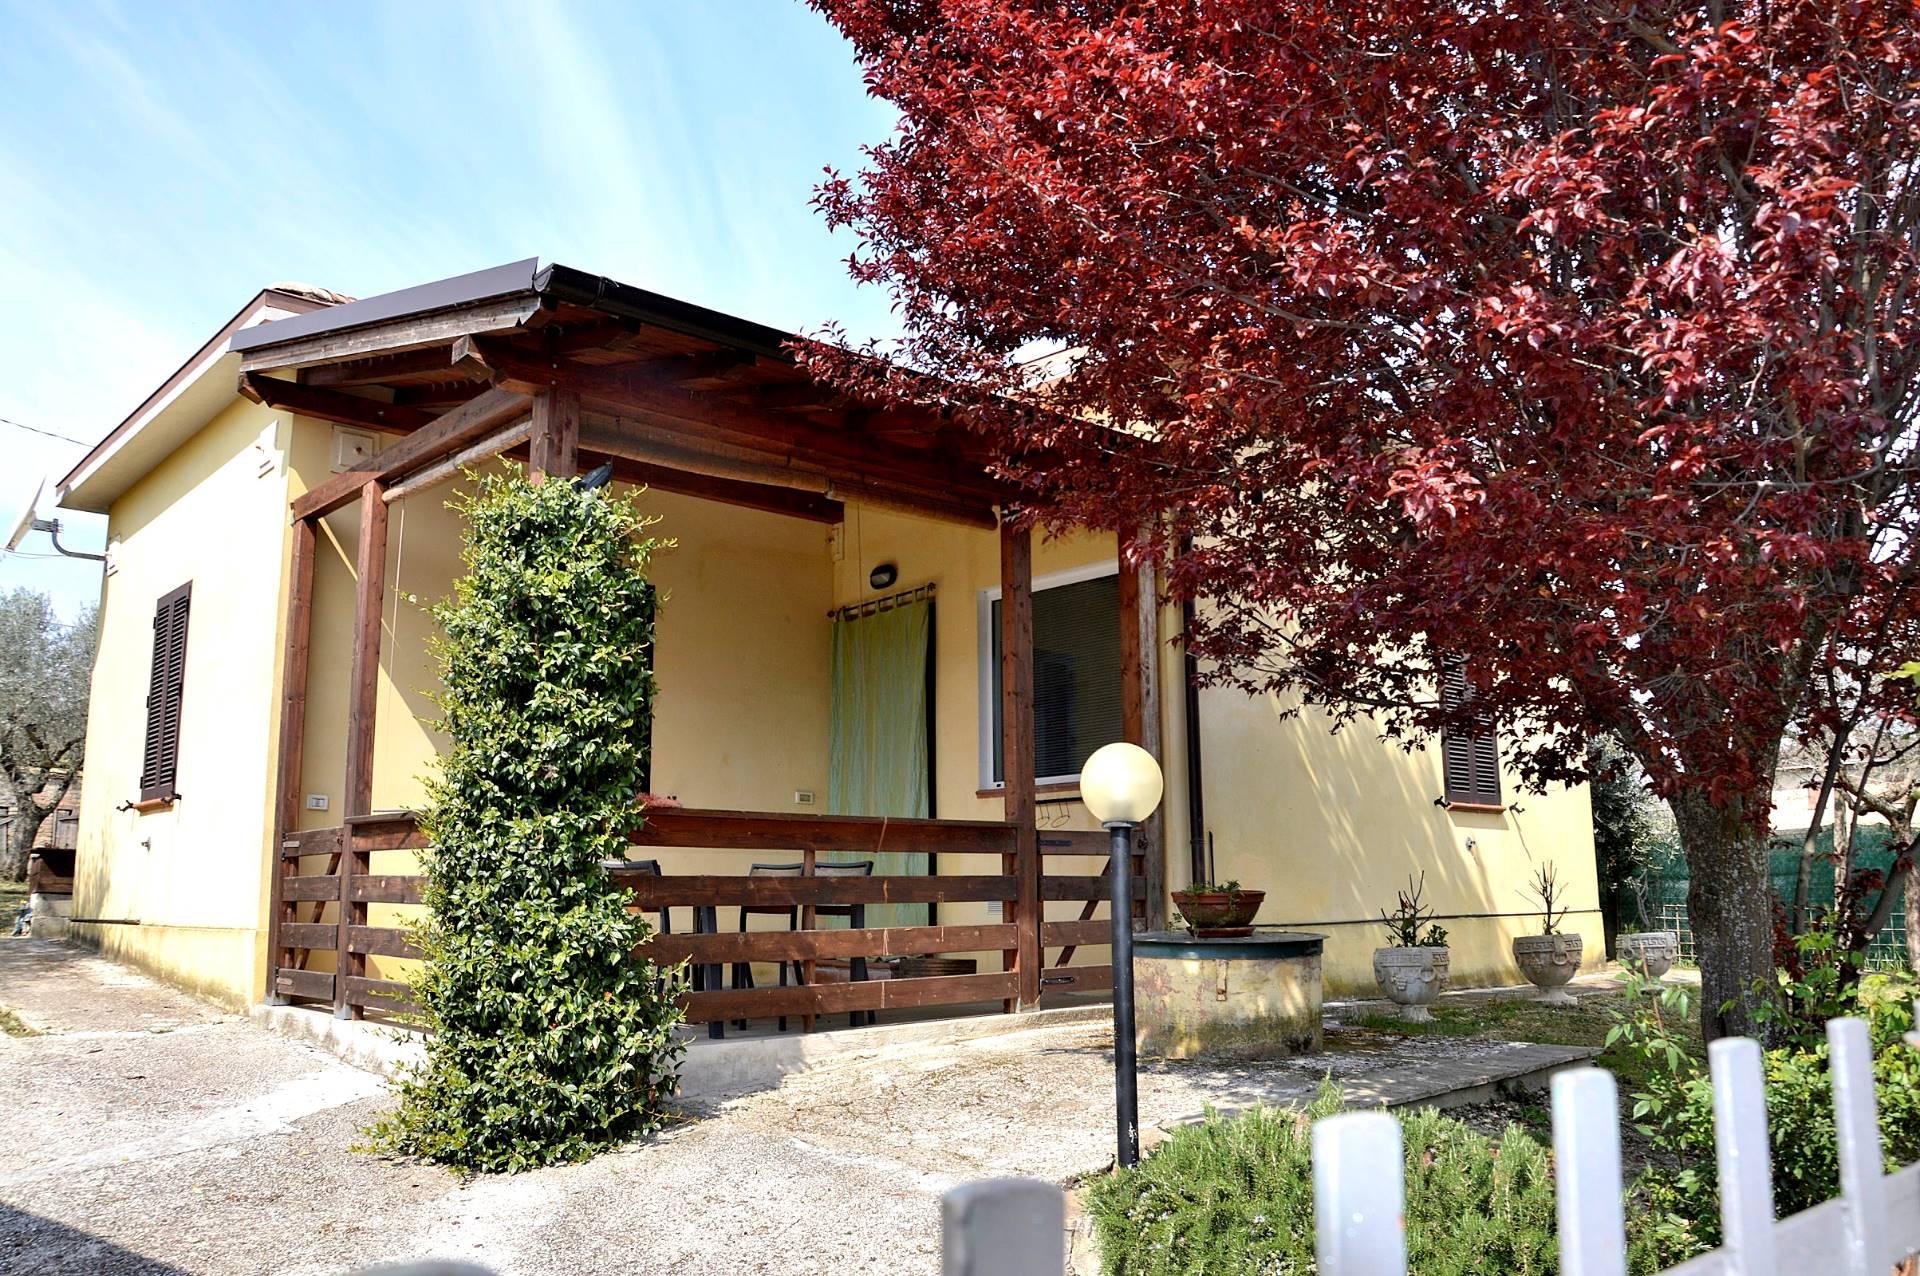 Villa in vendita a Montefalco, 3 locali, prezzo € 89.900 | CambioCasa.it